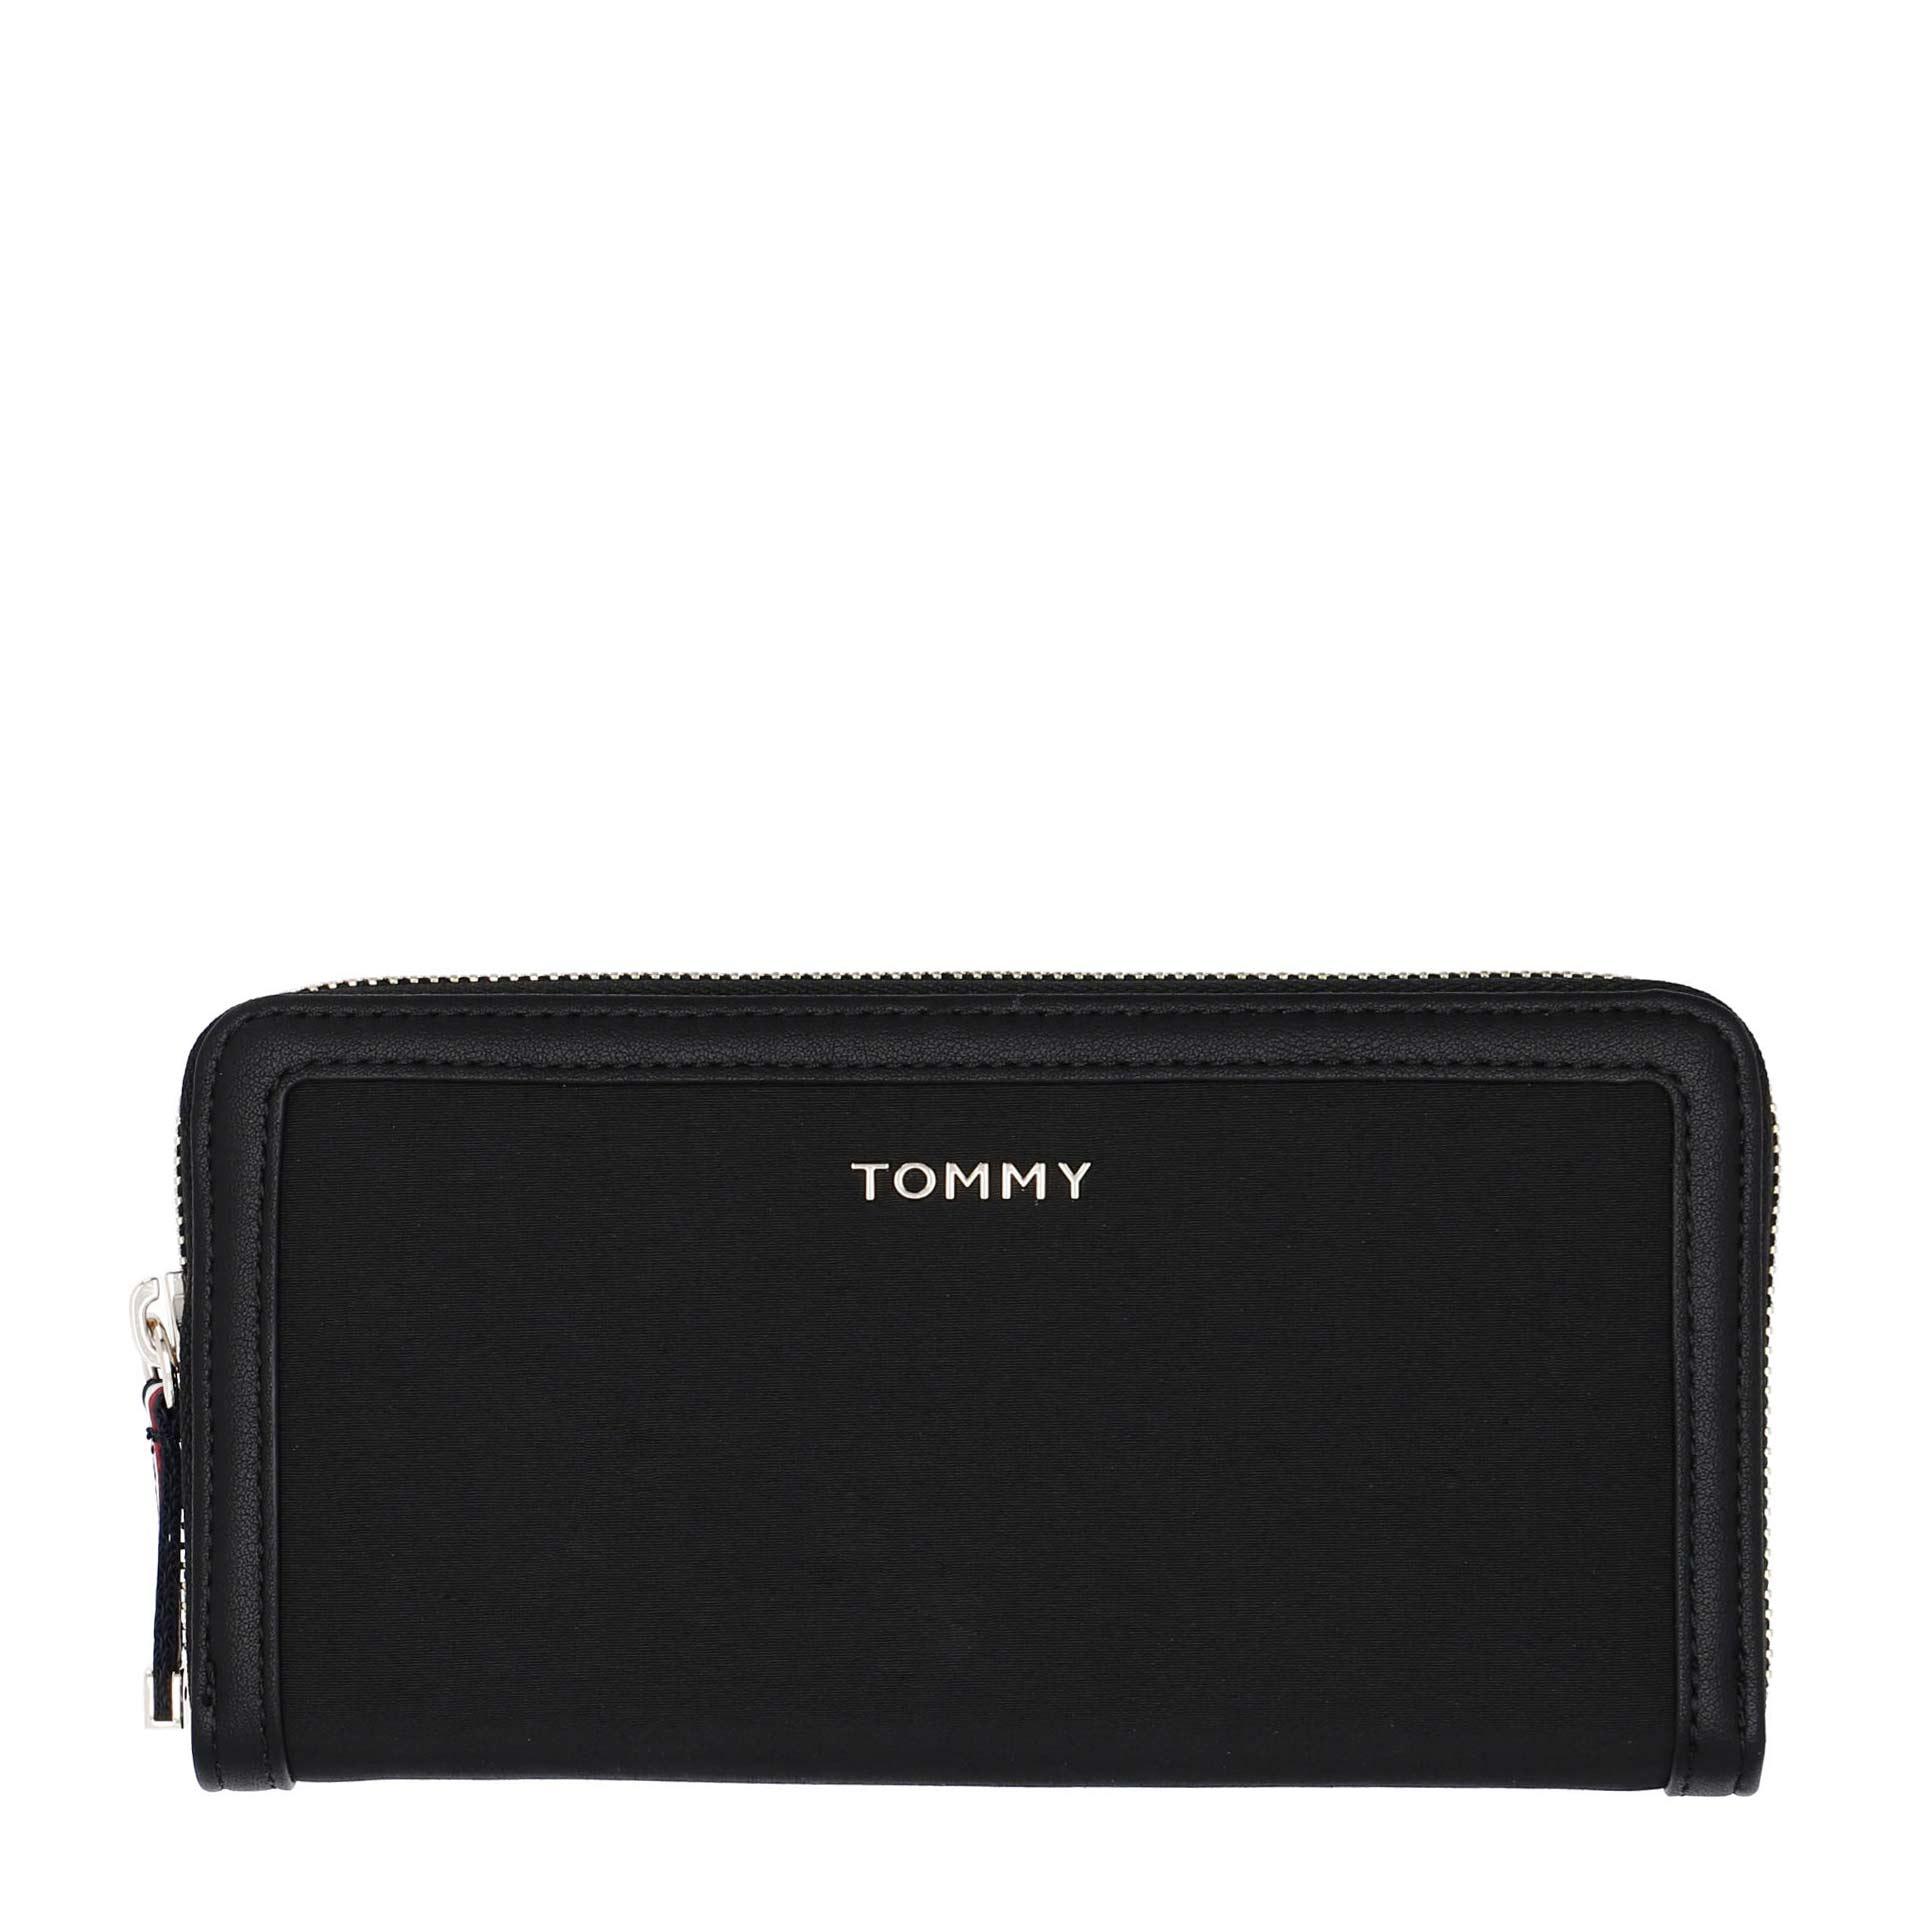 Tommy Hilfiger Nylon Damen Geldbörse black